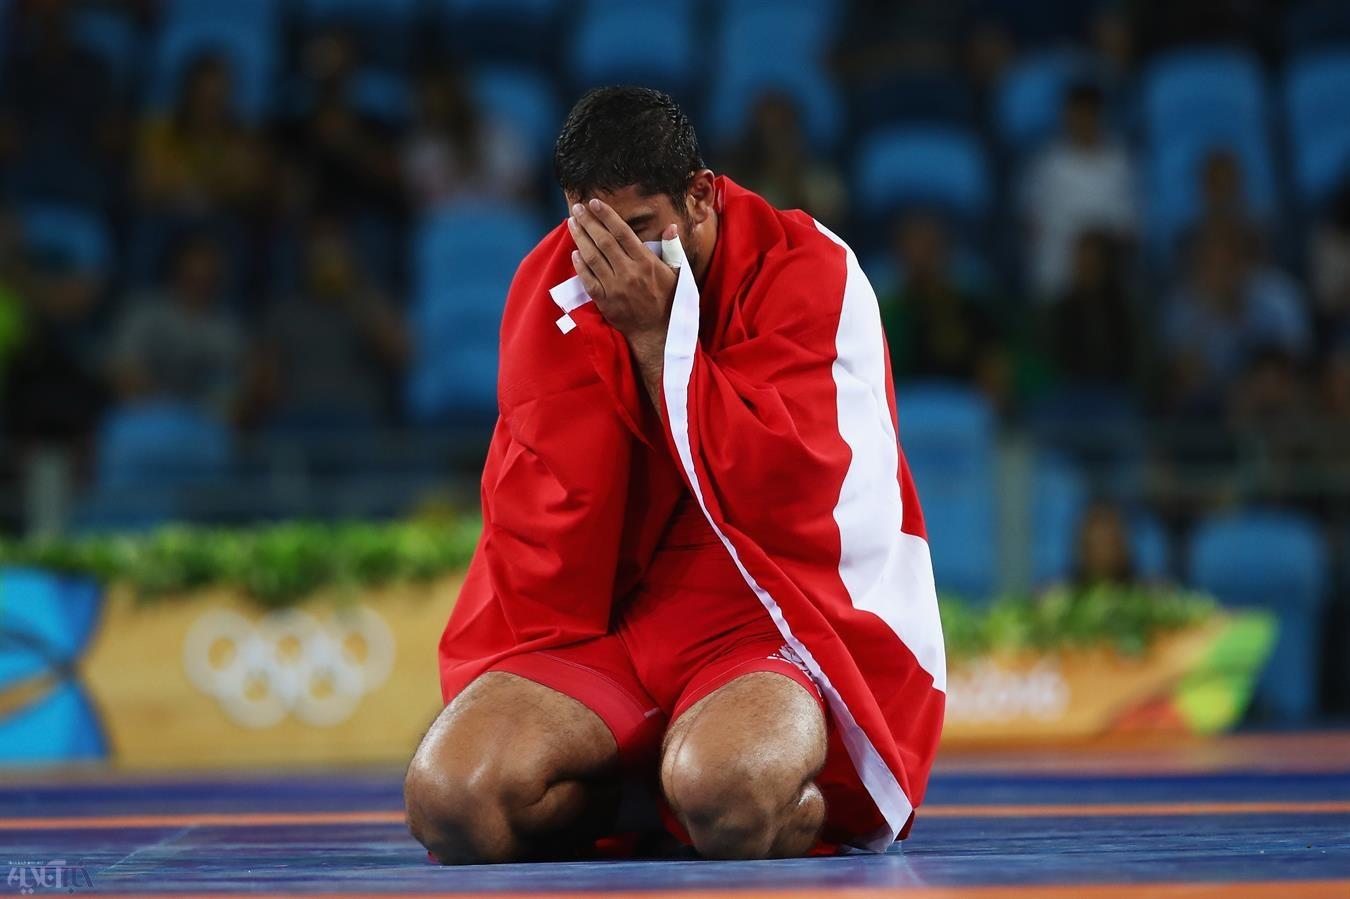 تصاویر | لحظه به لحظه با کمیل قاسمی در فینال المپیک| مدال نقرهای شد